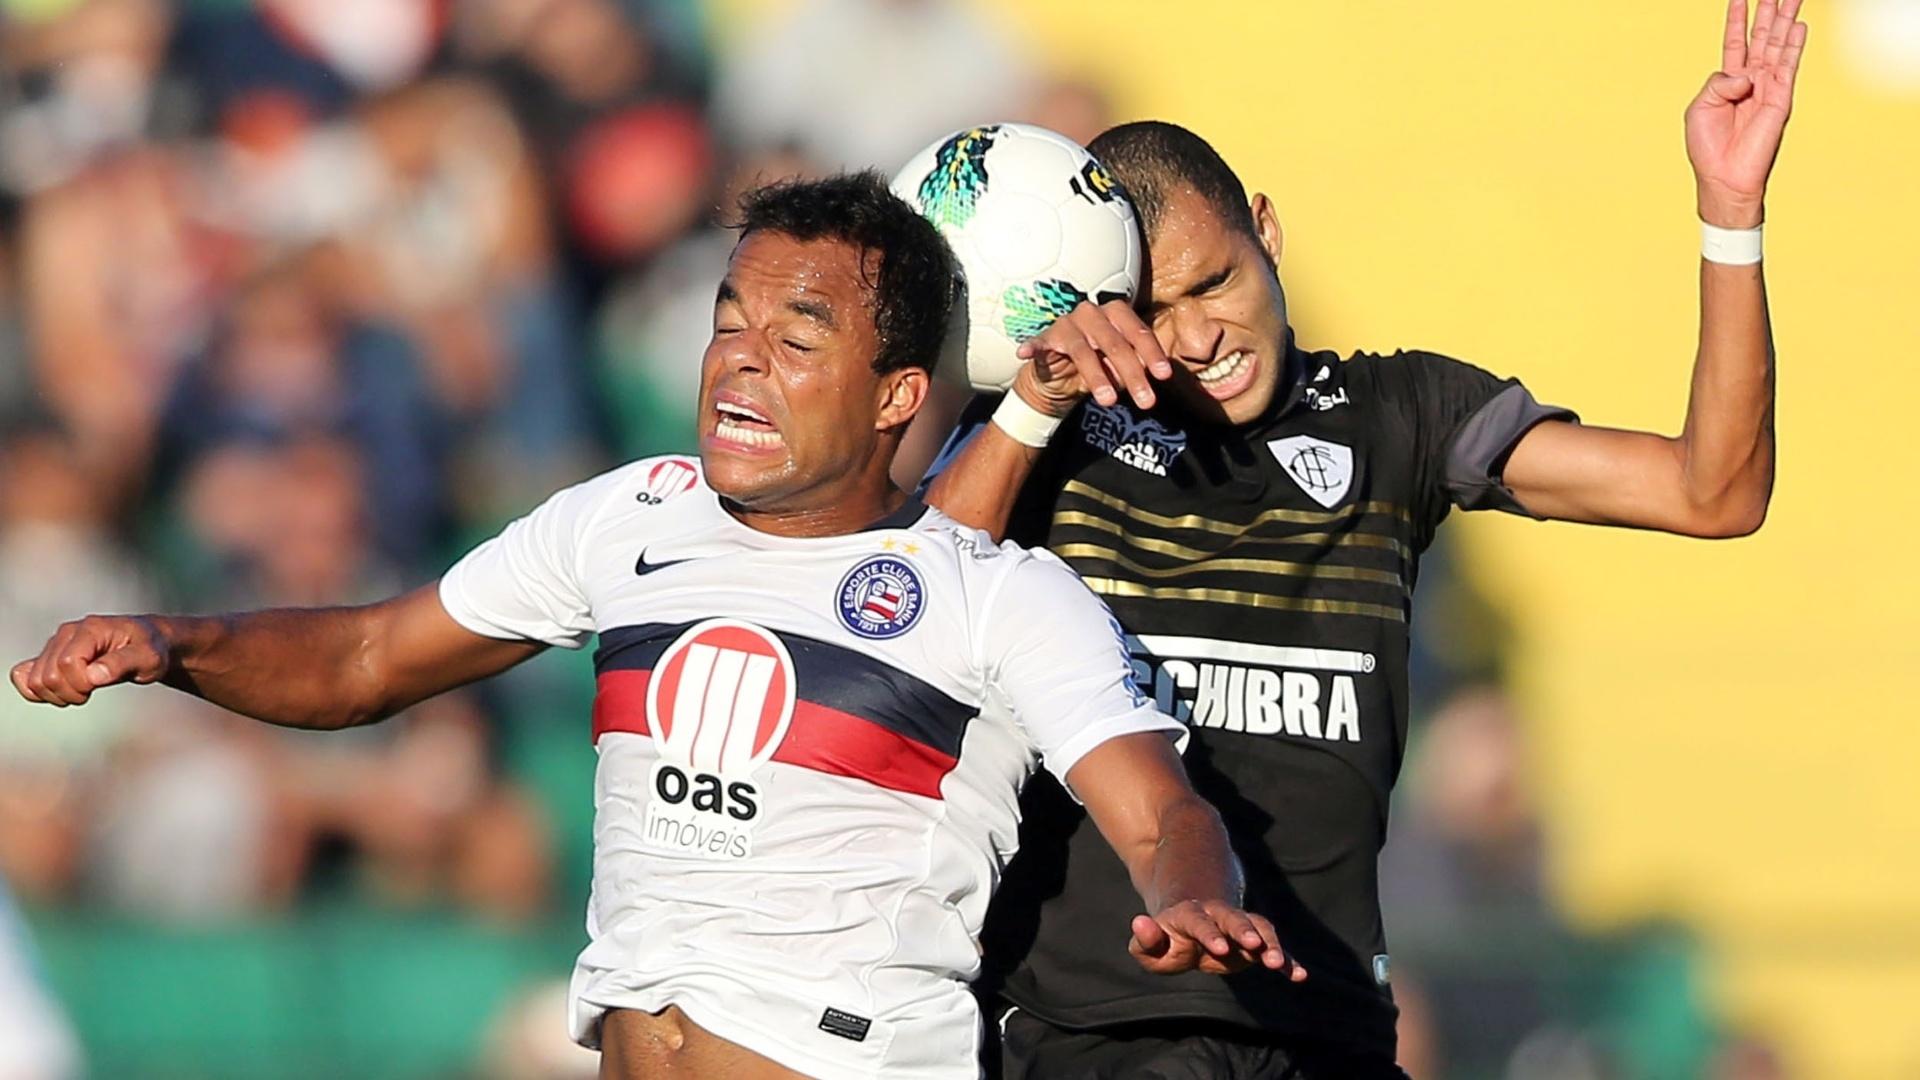 Mancini (esq.), ex-Atlético-MG, disputa bola com a defesa do Figueirense em empate por 1 a 1 em Florianópolis